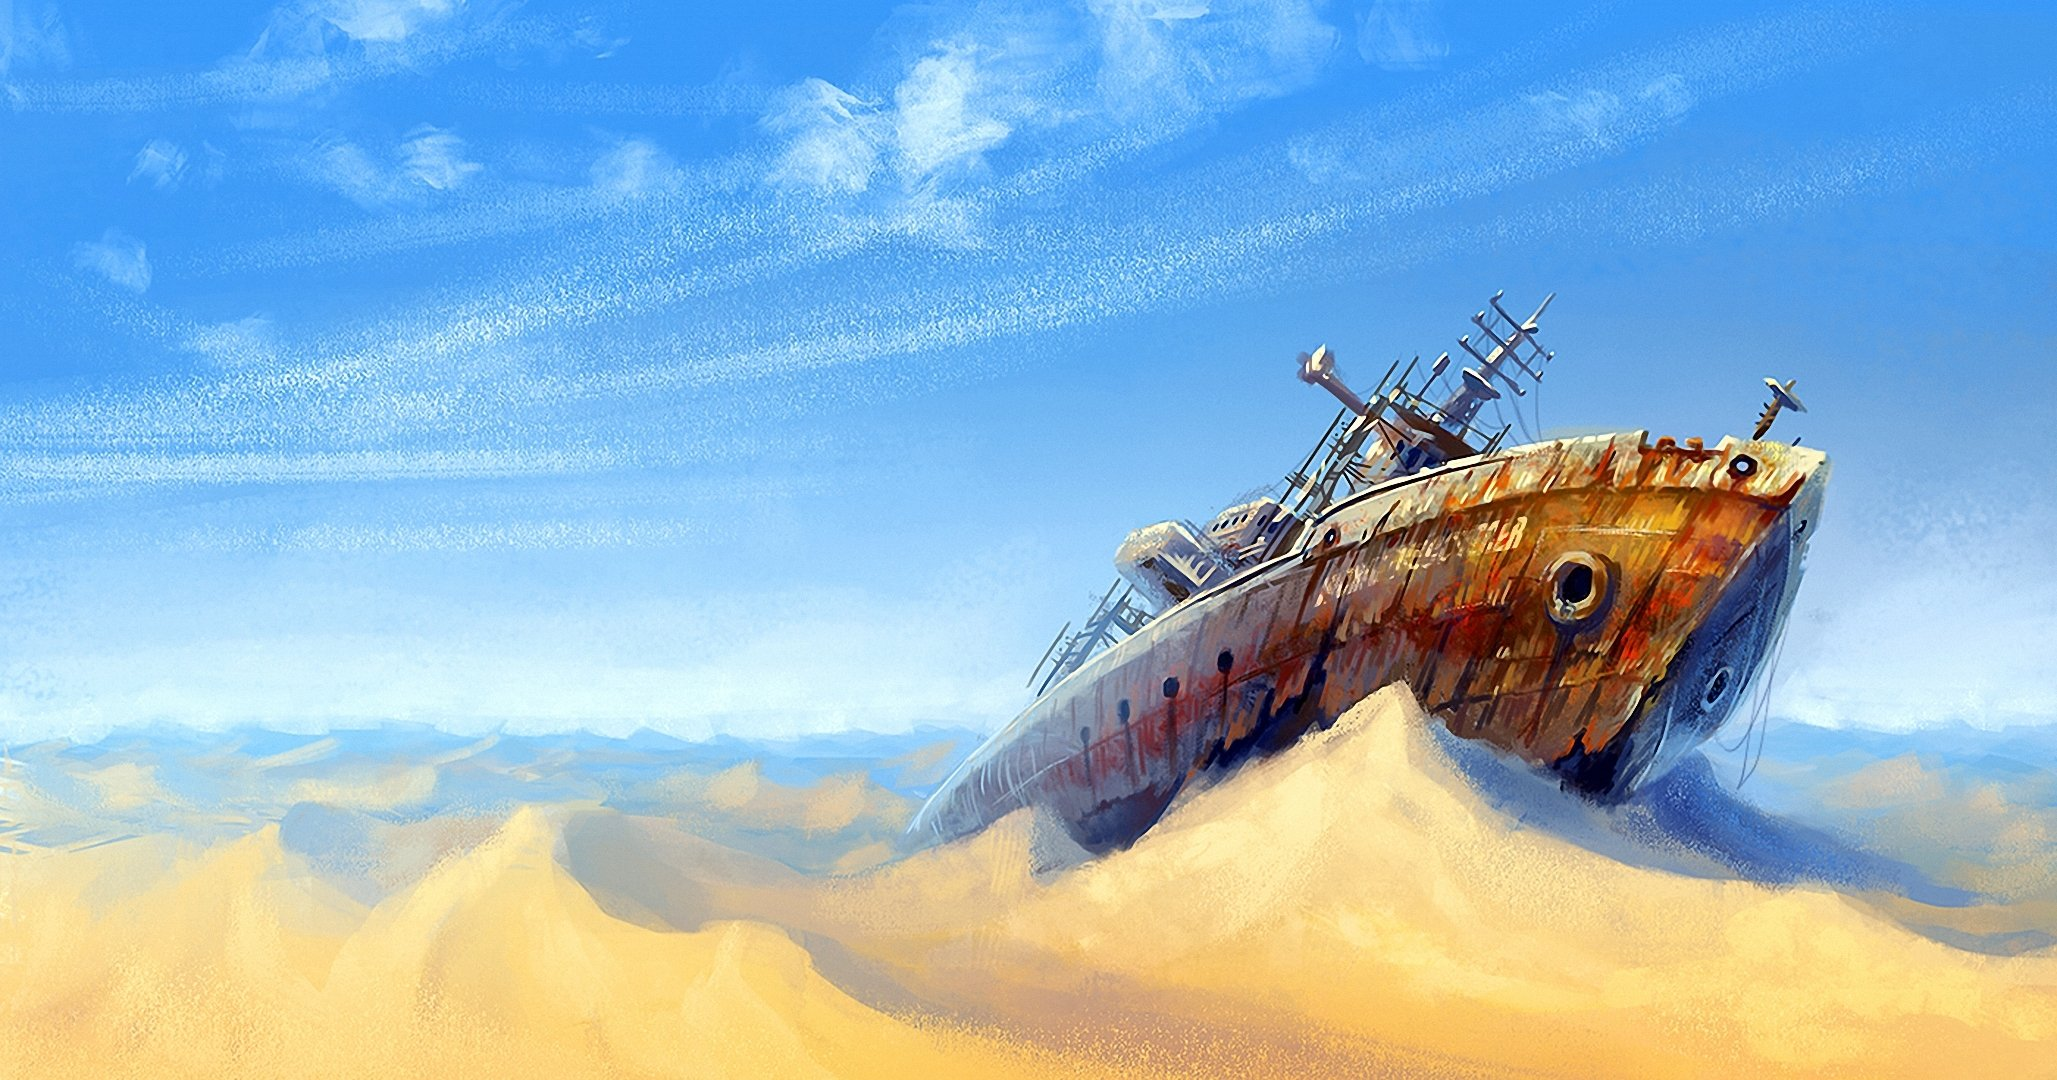 Лодка в пустыне без смс